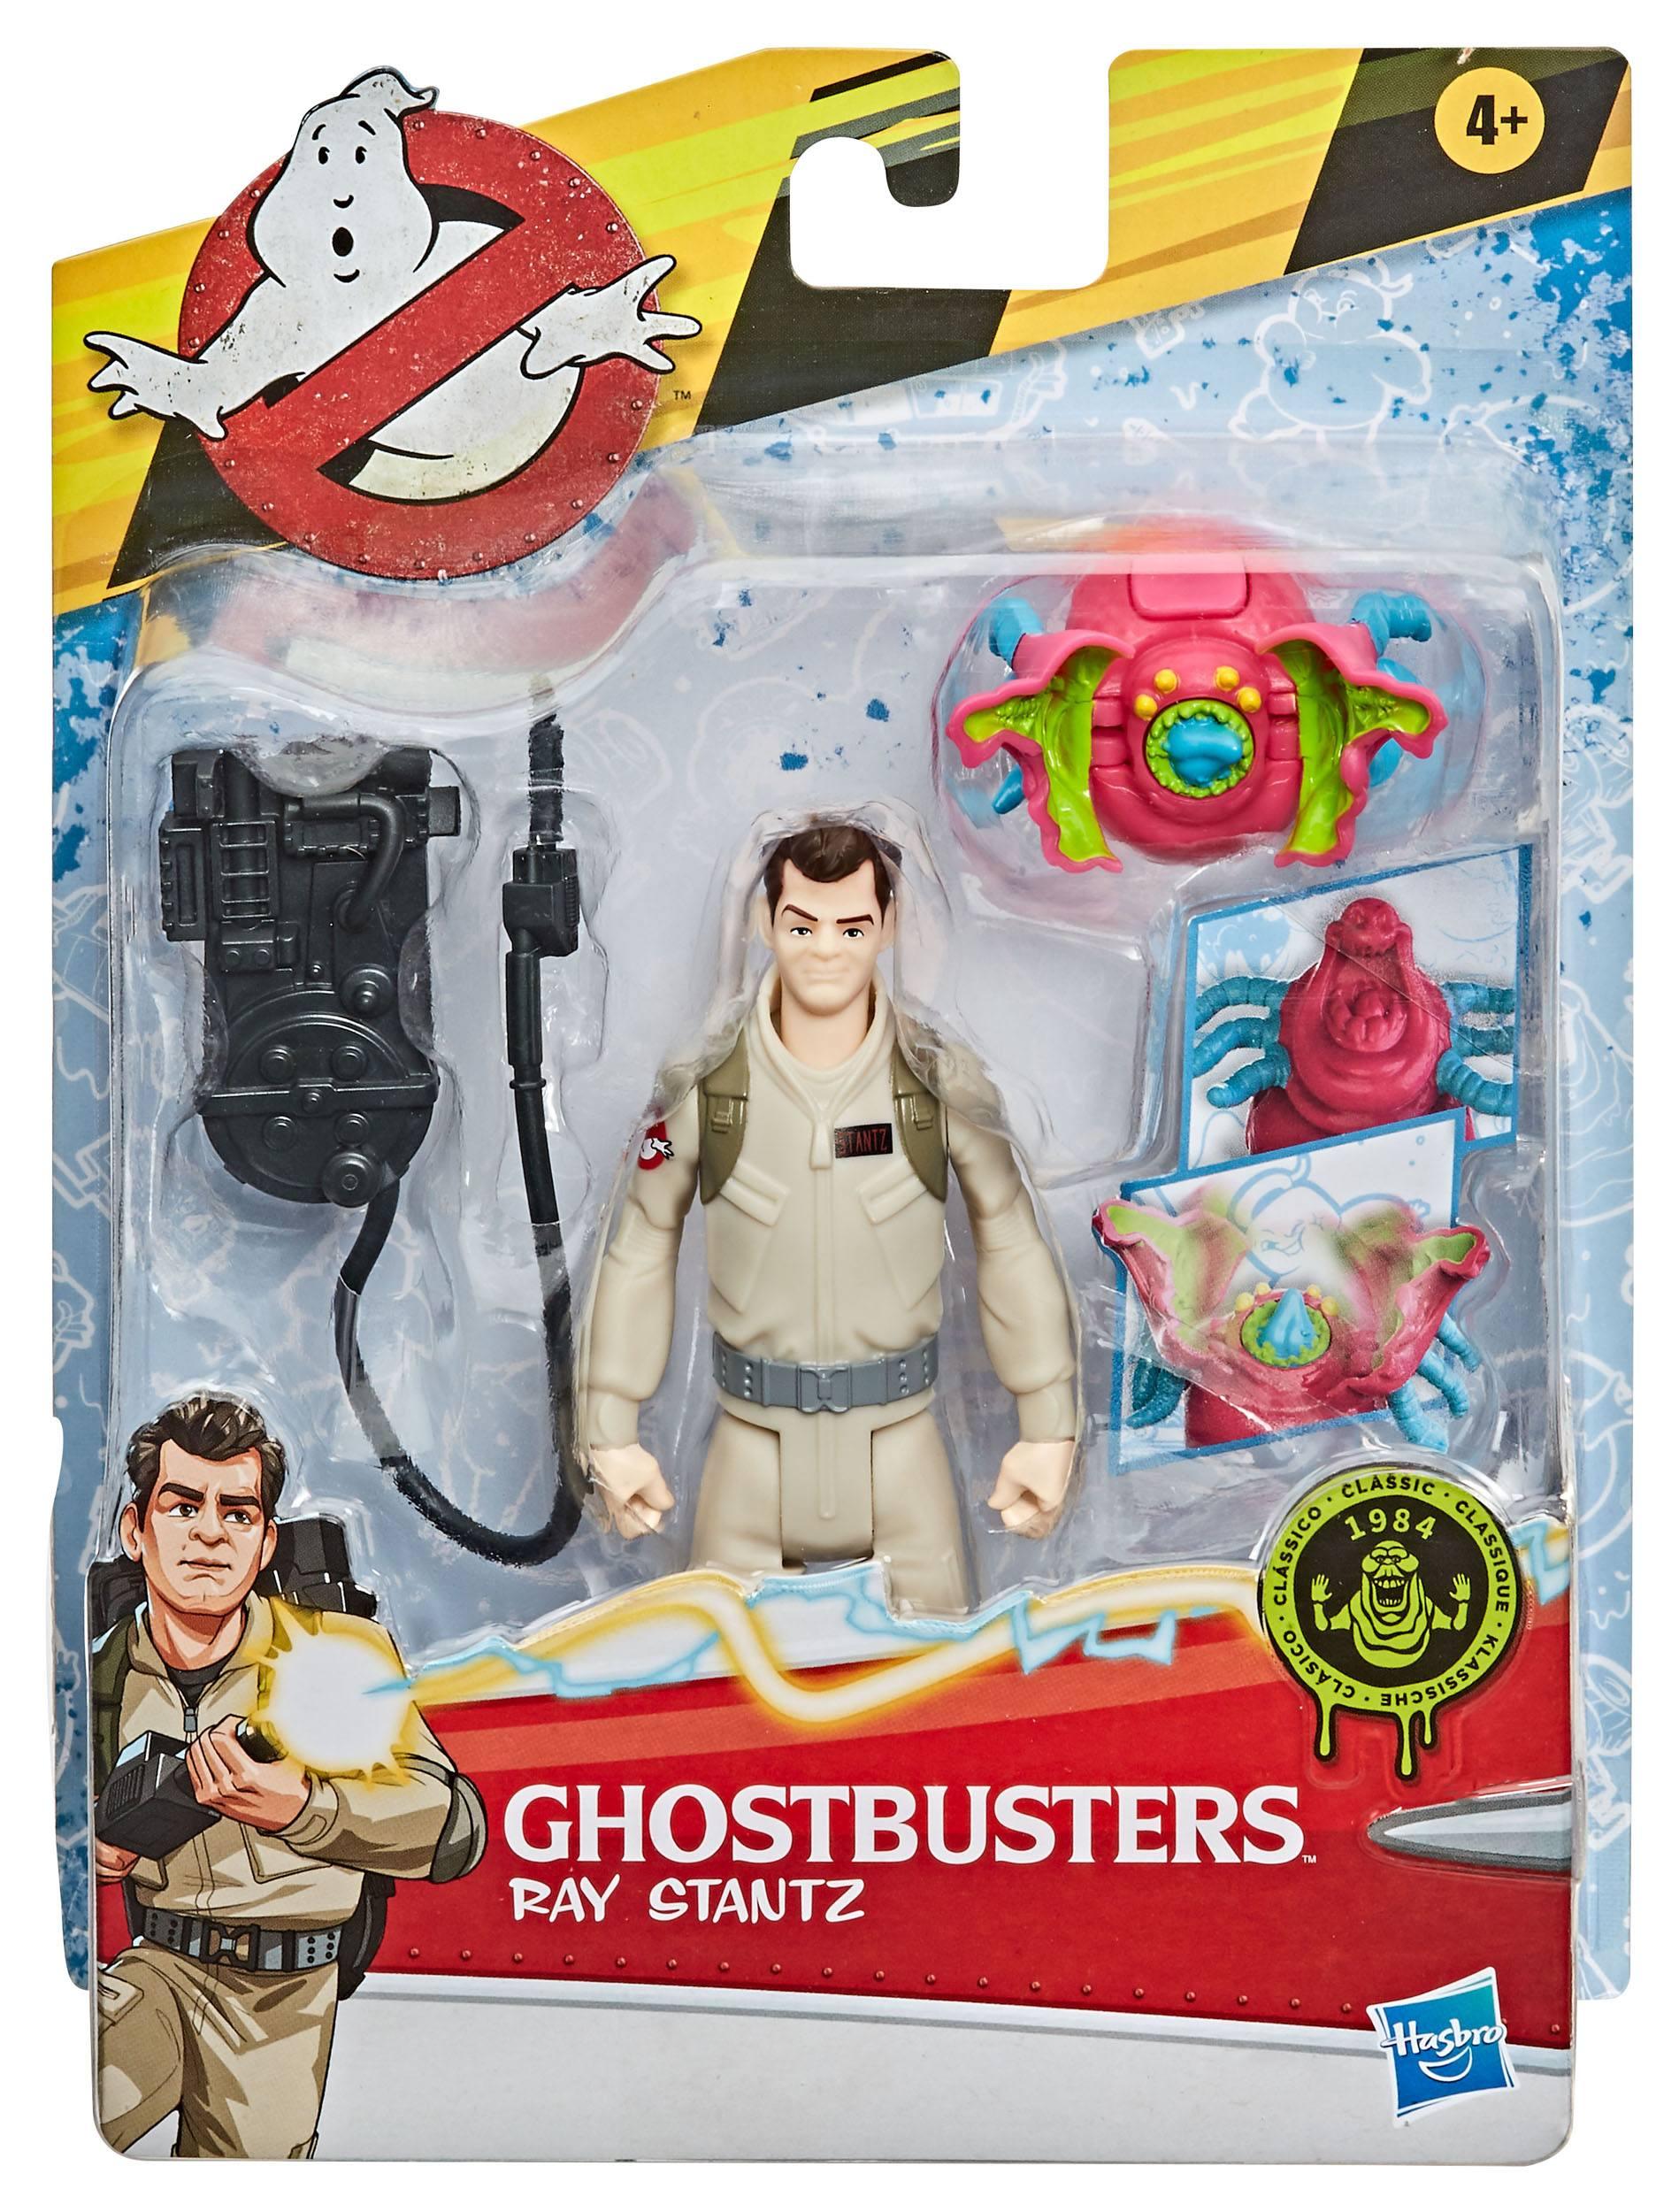 Ghostbusters Geisterschreck Figures Assortment (4) Wave 1 E95445L00 5010993689354